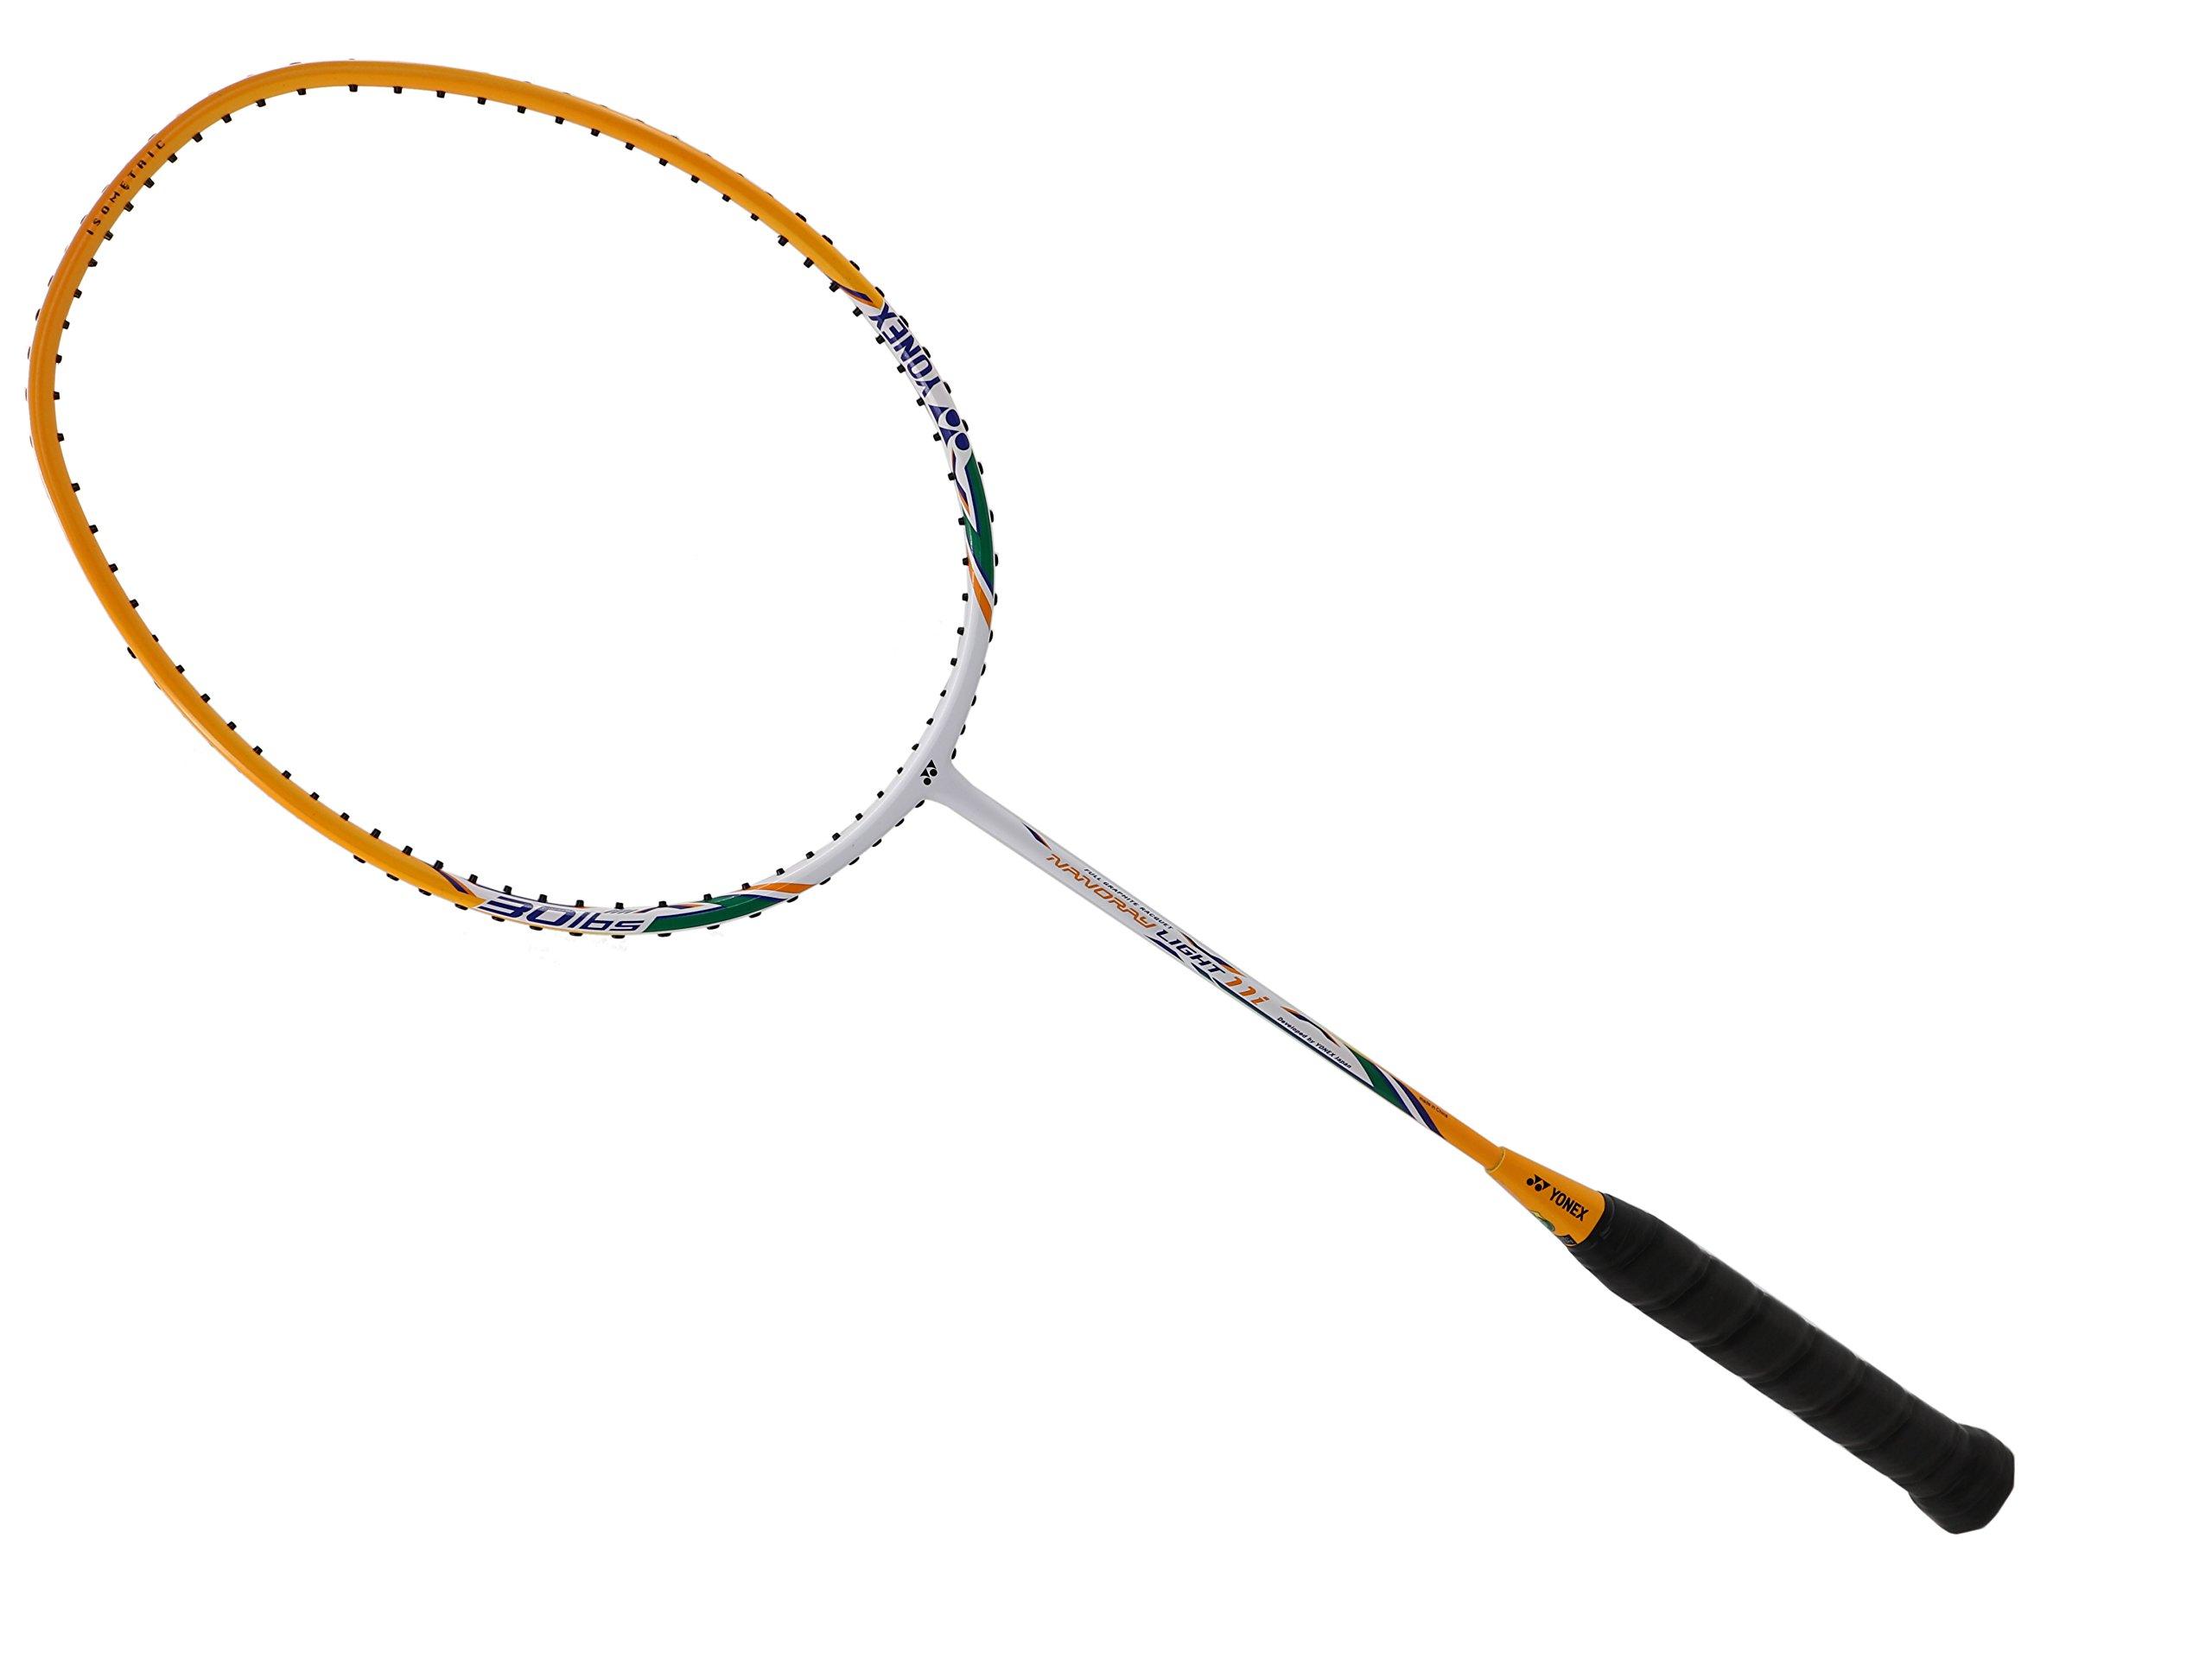 YONEX - Nanoray Light 11i iSeries NR-LT11IEX White Orange Badminton Racket (5U-G5)